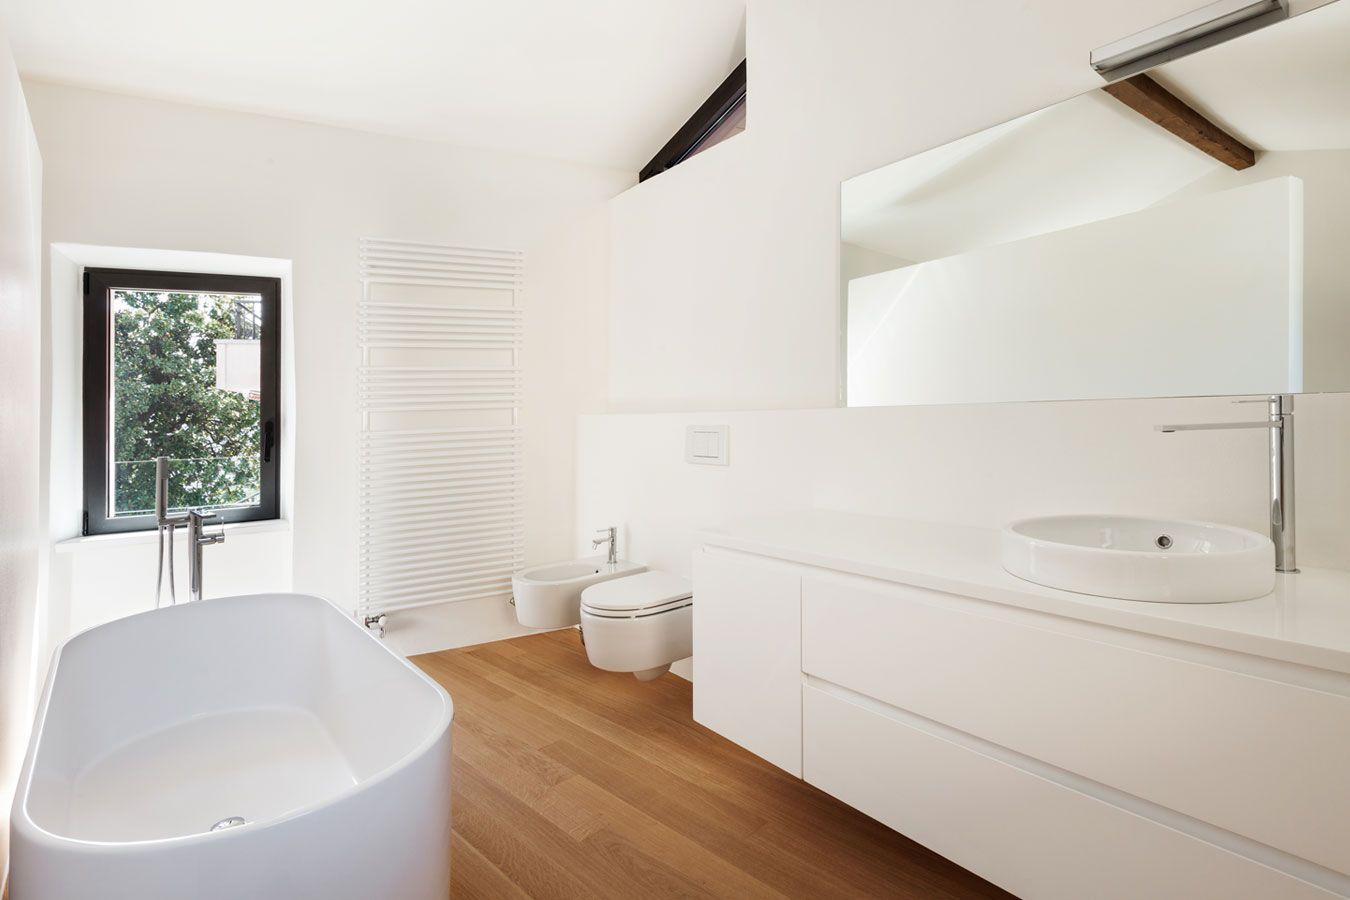 Praktische badkamer google zoeken badkamerideeen pinterest badkamer google en weer - Klein badkamer model ...